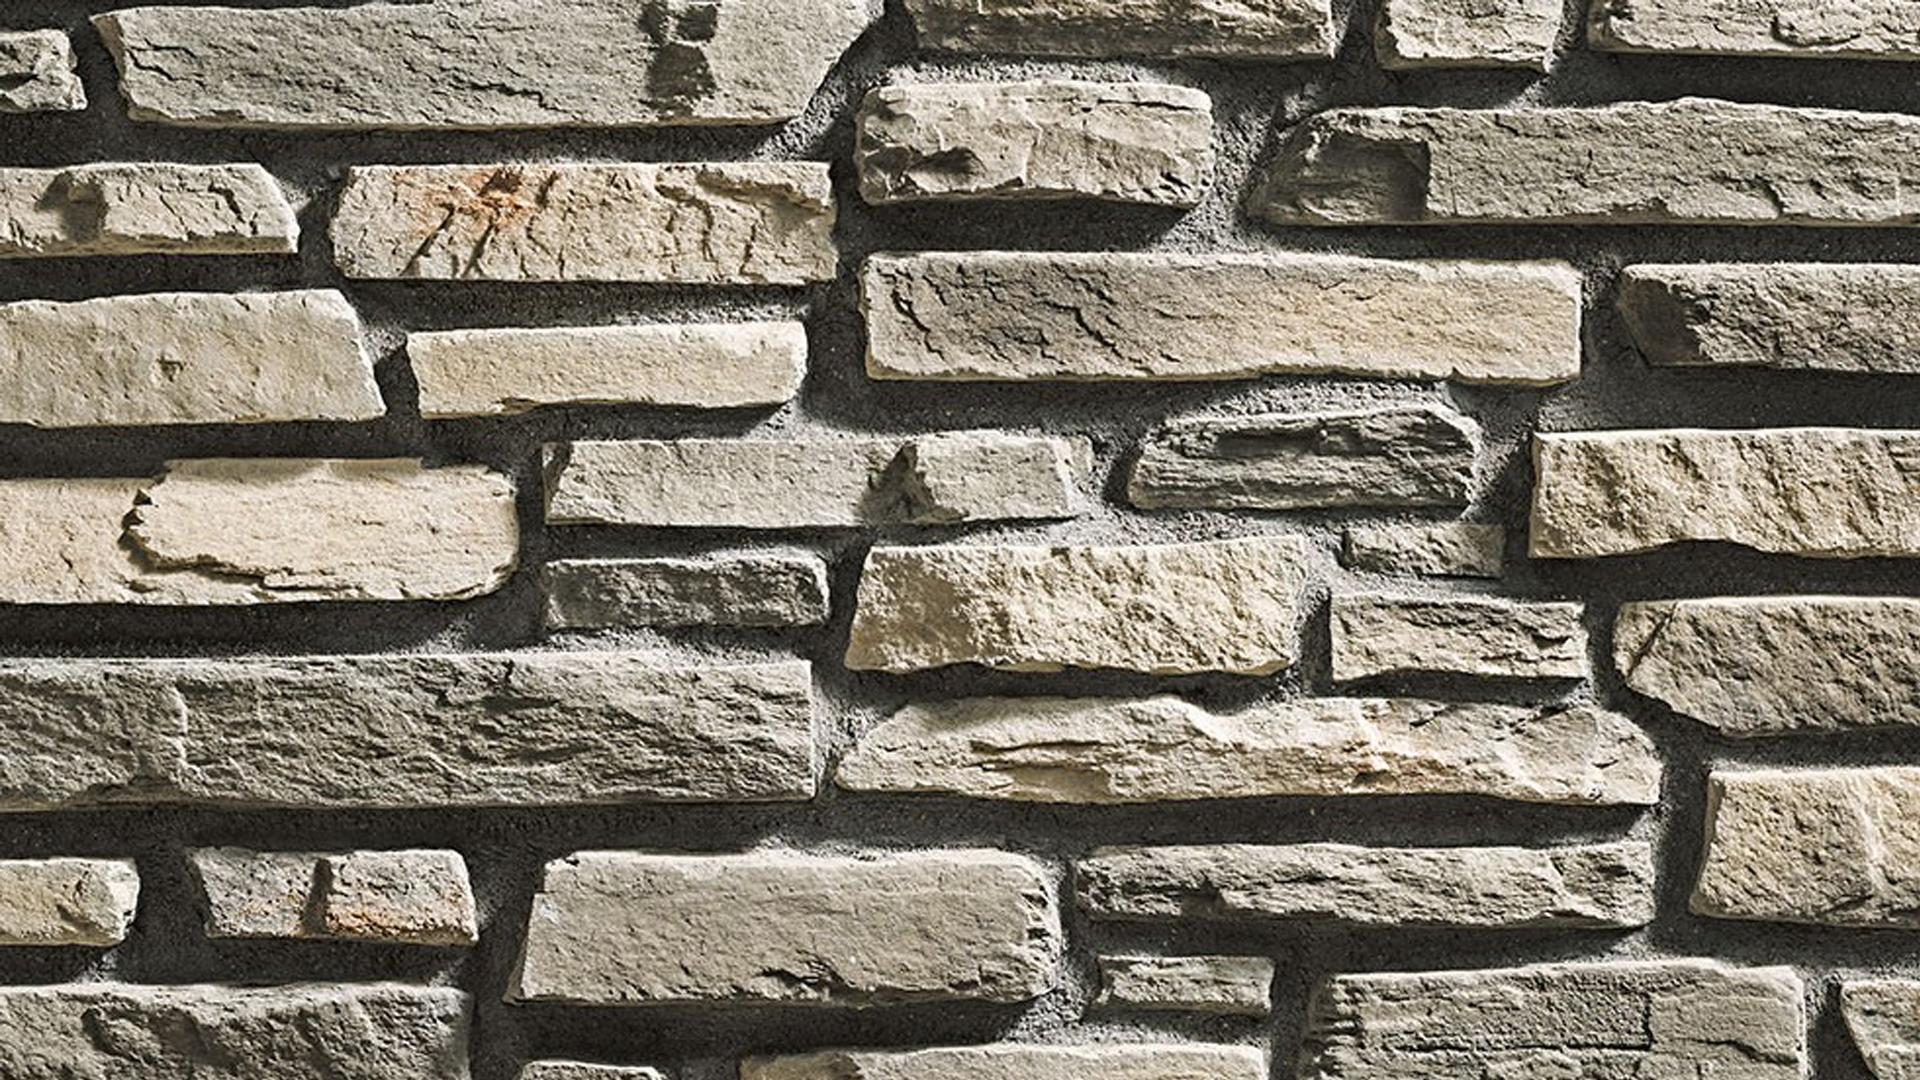 Rivestimento In Pietra Ricostruita : Rivestimenti in pietra ricostruita rota commerciale materiali